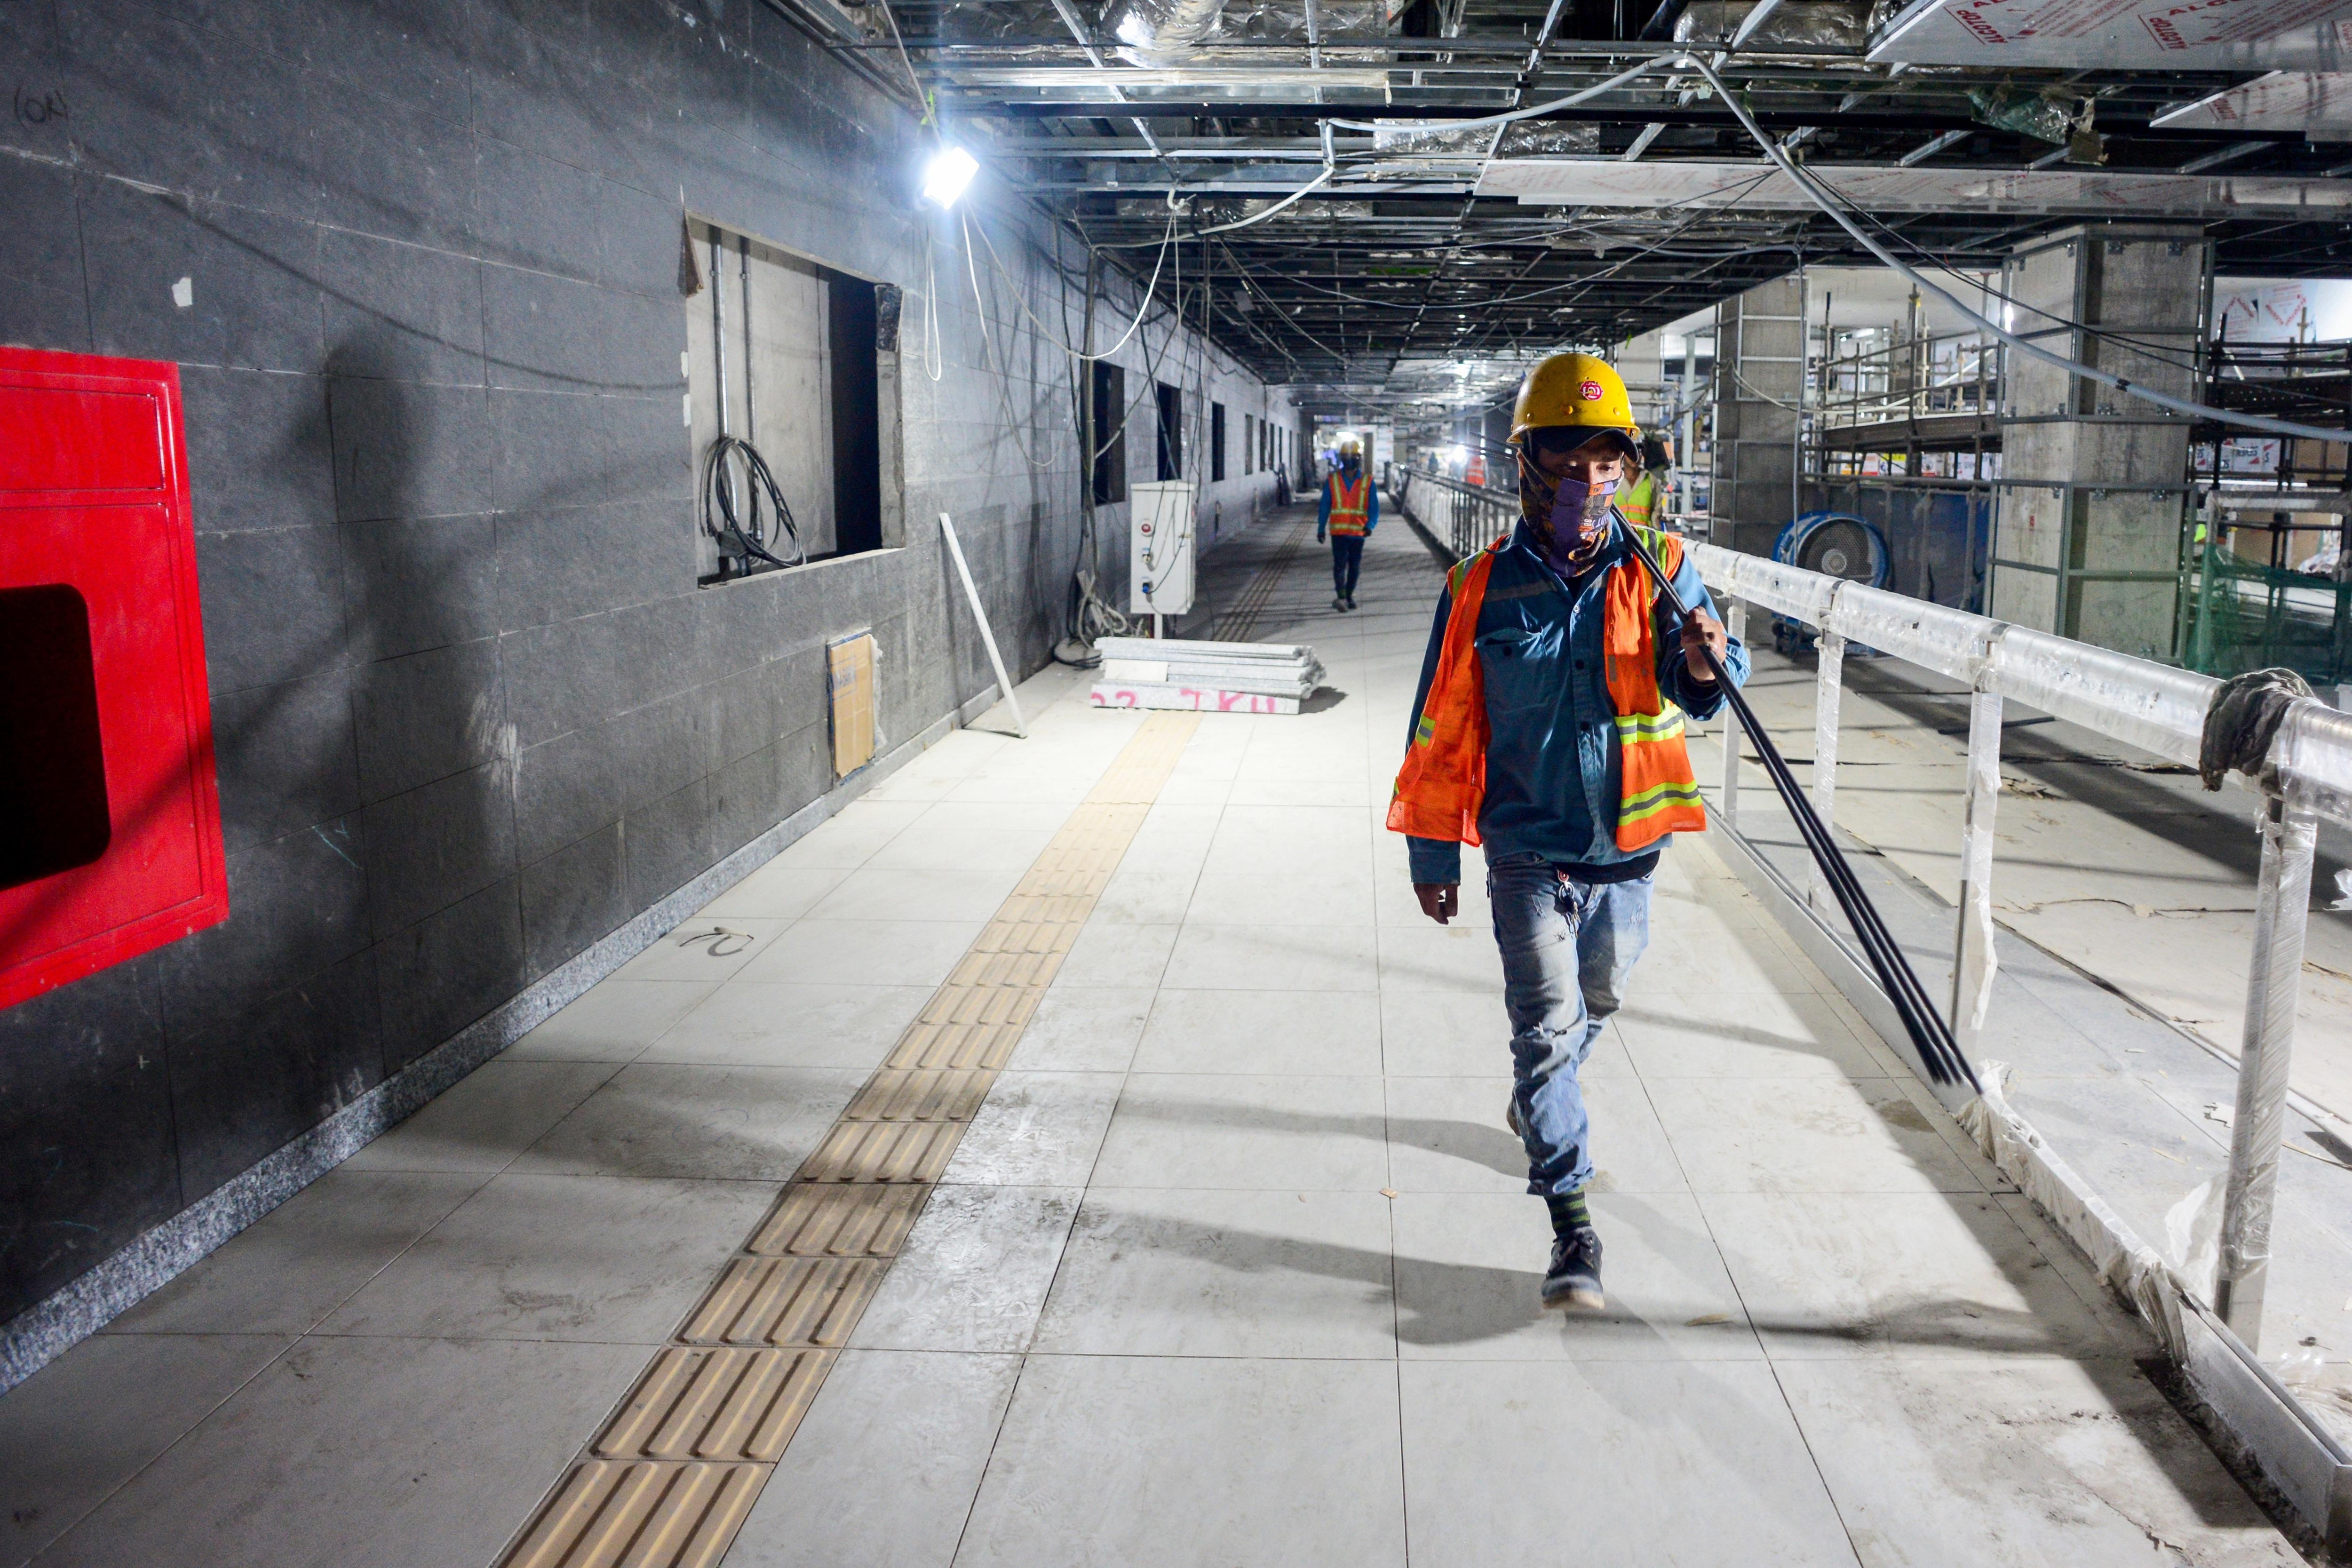 Ngắm tuyến metro đầu tiên của TPHCM sau gần 10 năm chờ đợi - 9